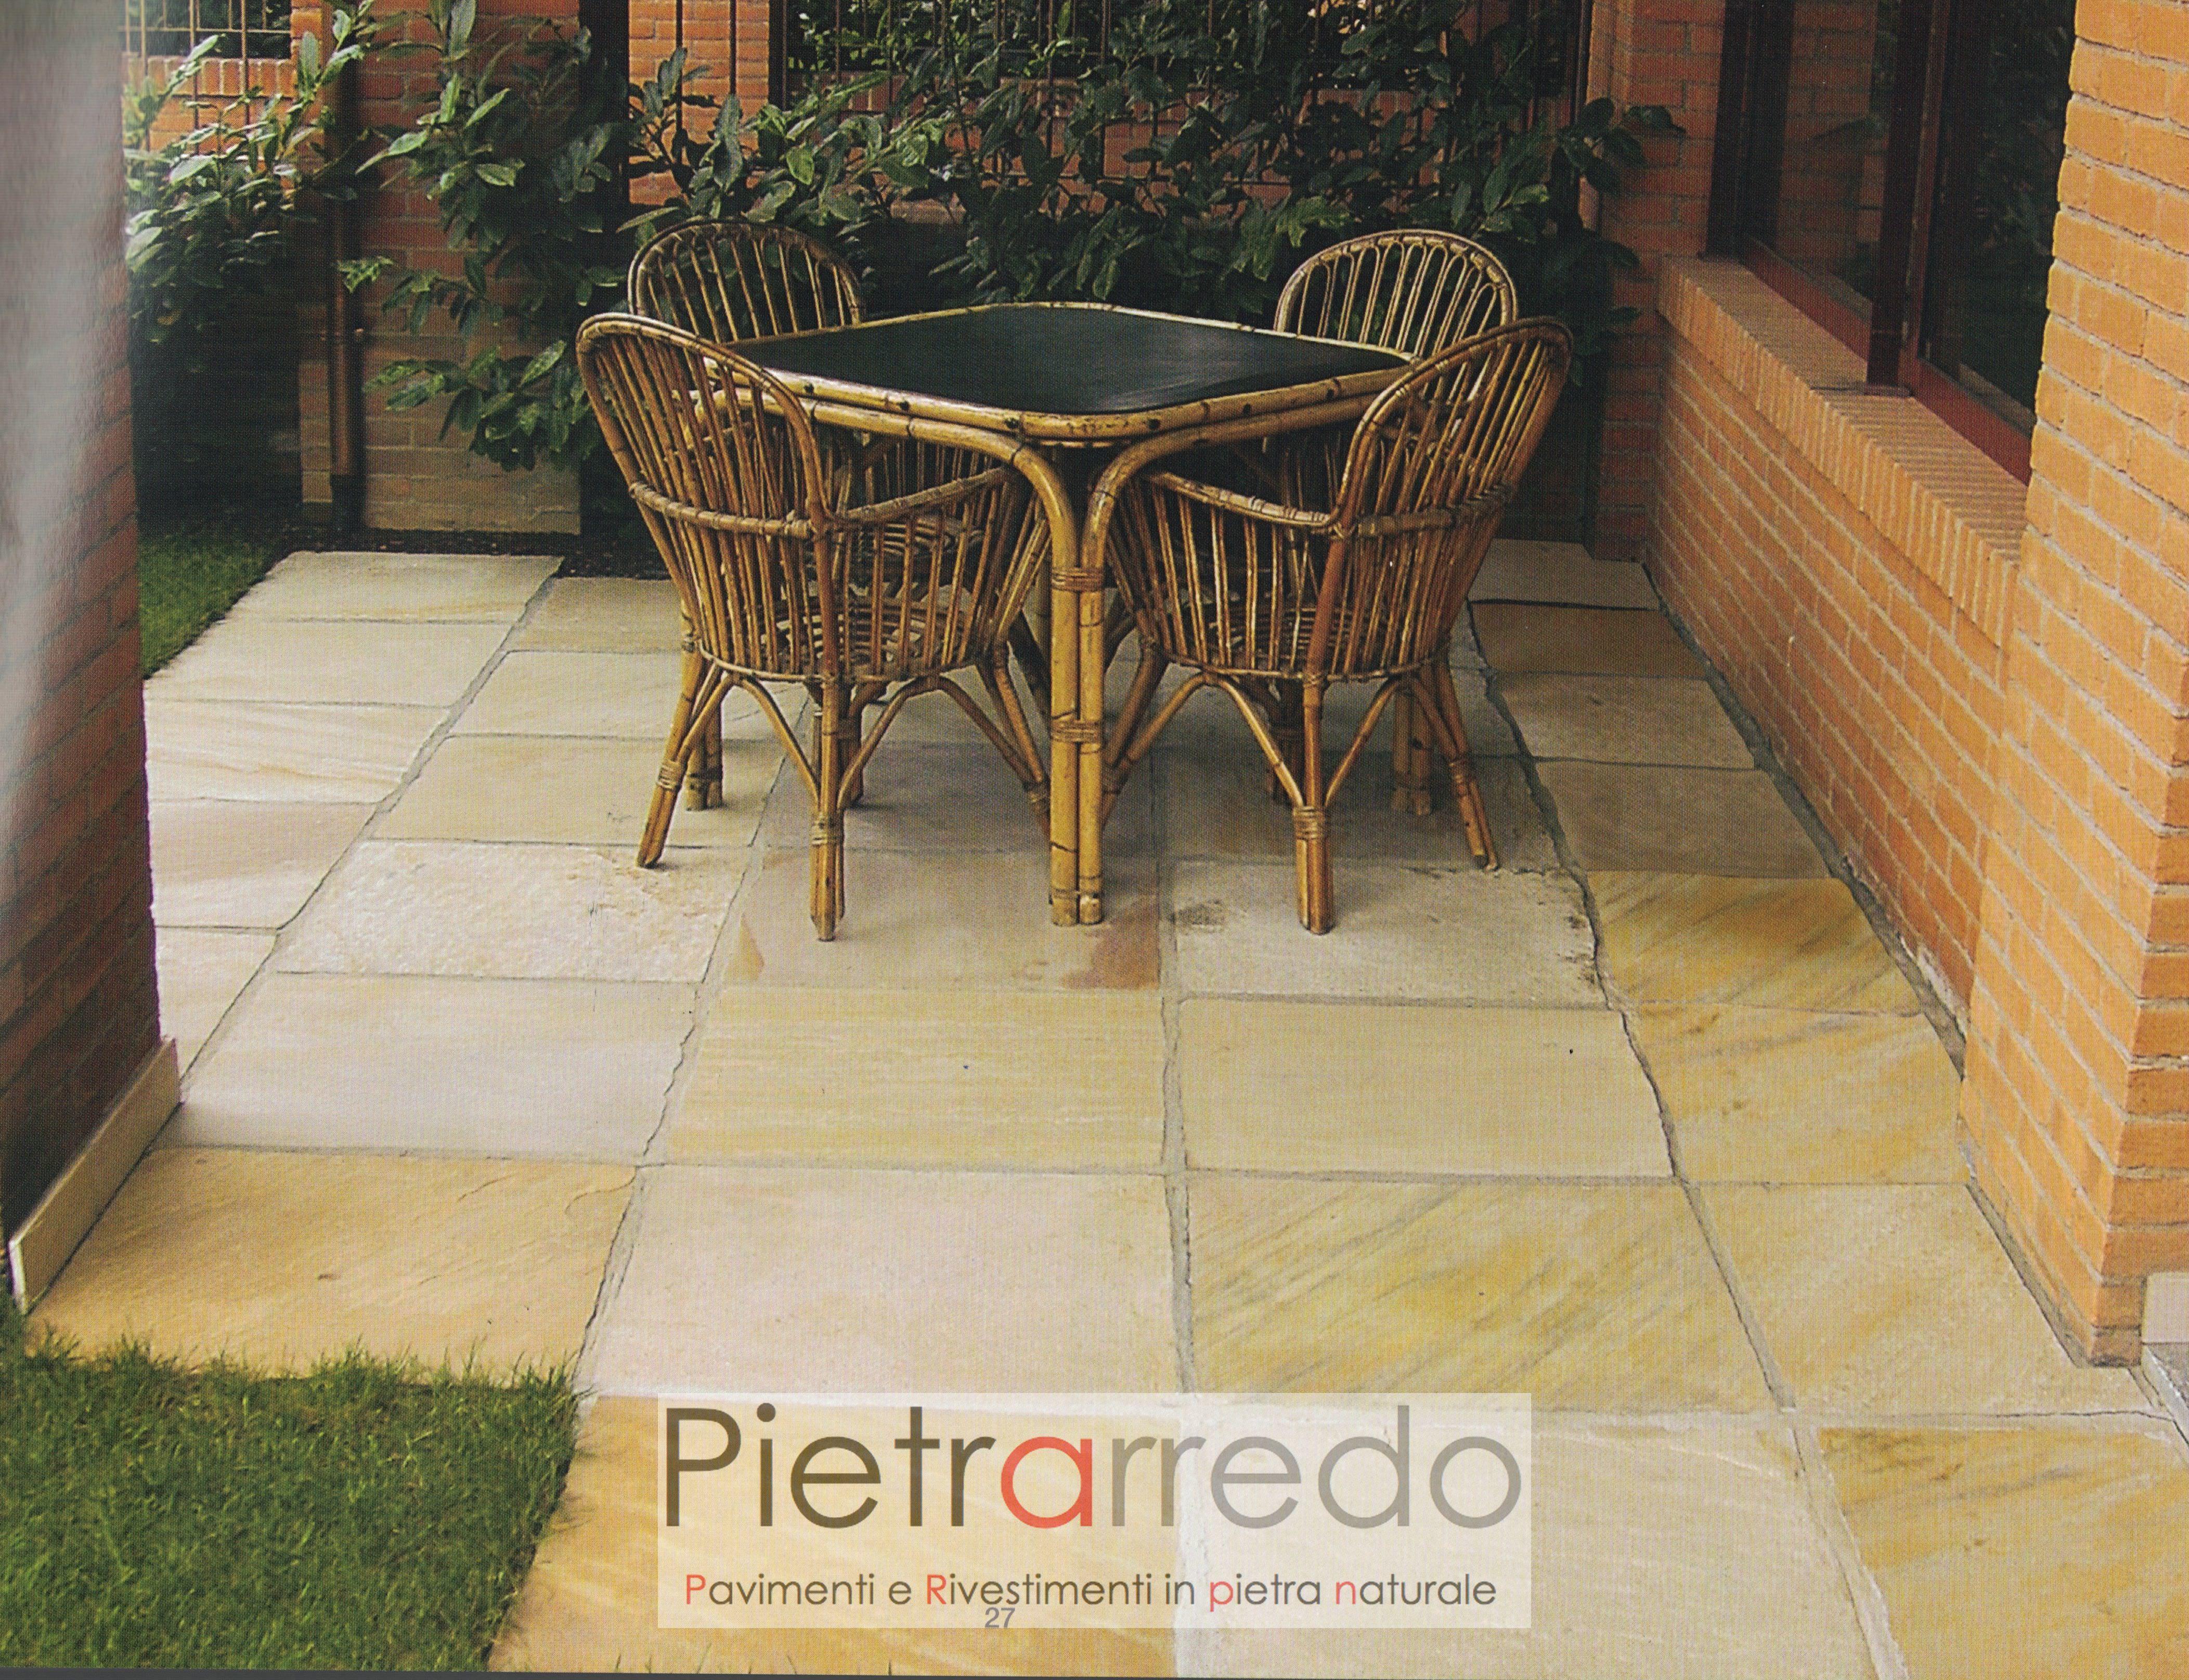 pavimenti quarzite gialla brasiliana gialla gontero costi pretrarredo milano prezzo